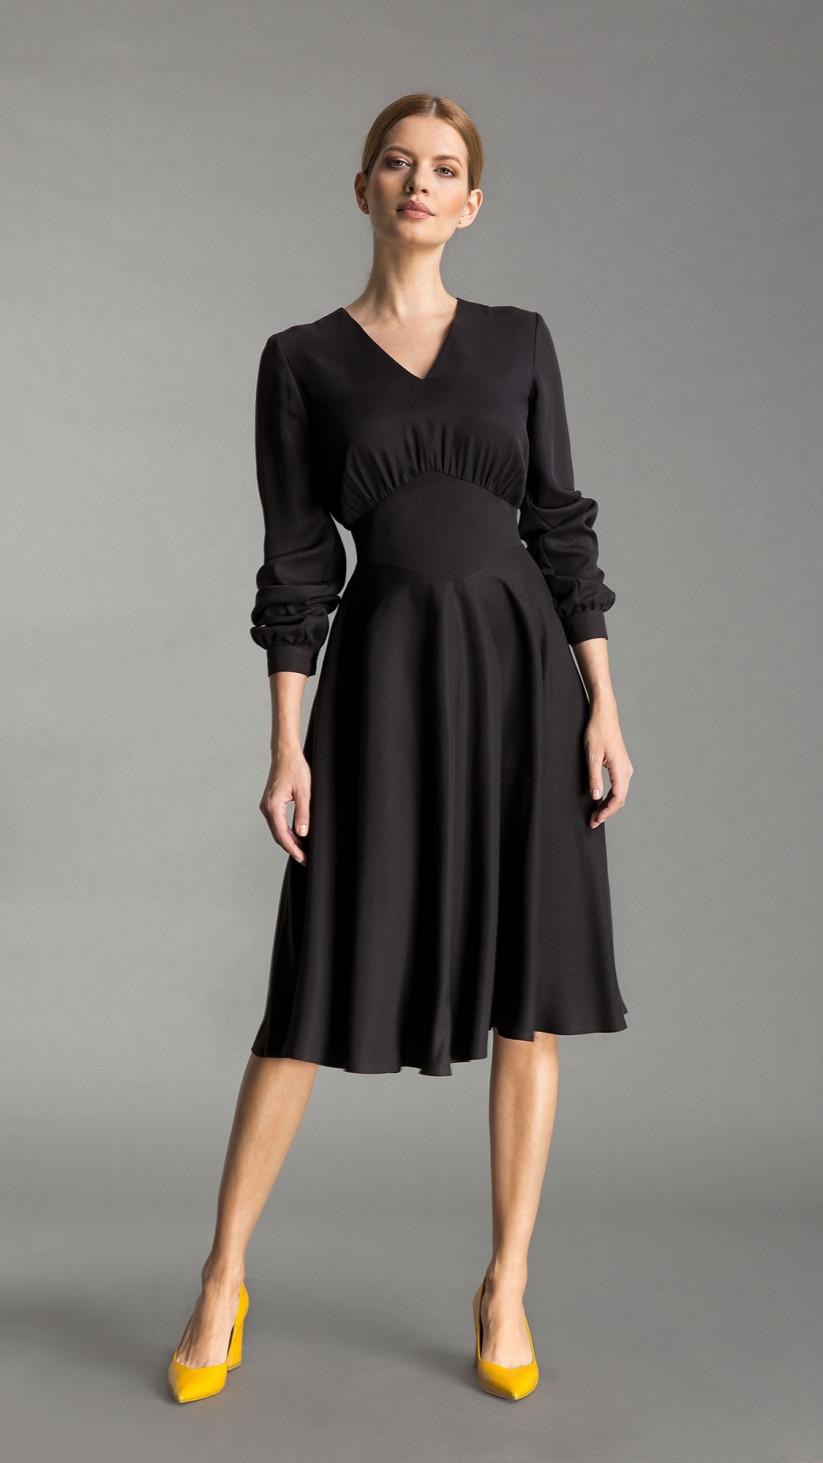 Sukienka Caroline | Elegancka Czerń | Romantyczna sukienka z dołem z 3/4 koła